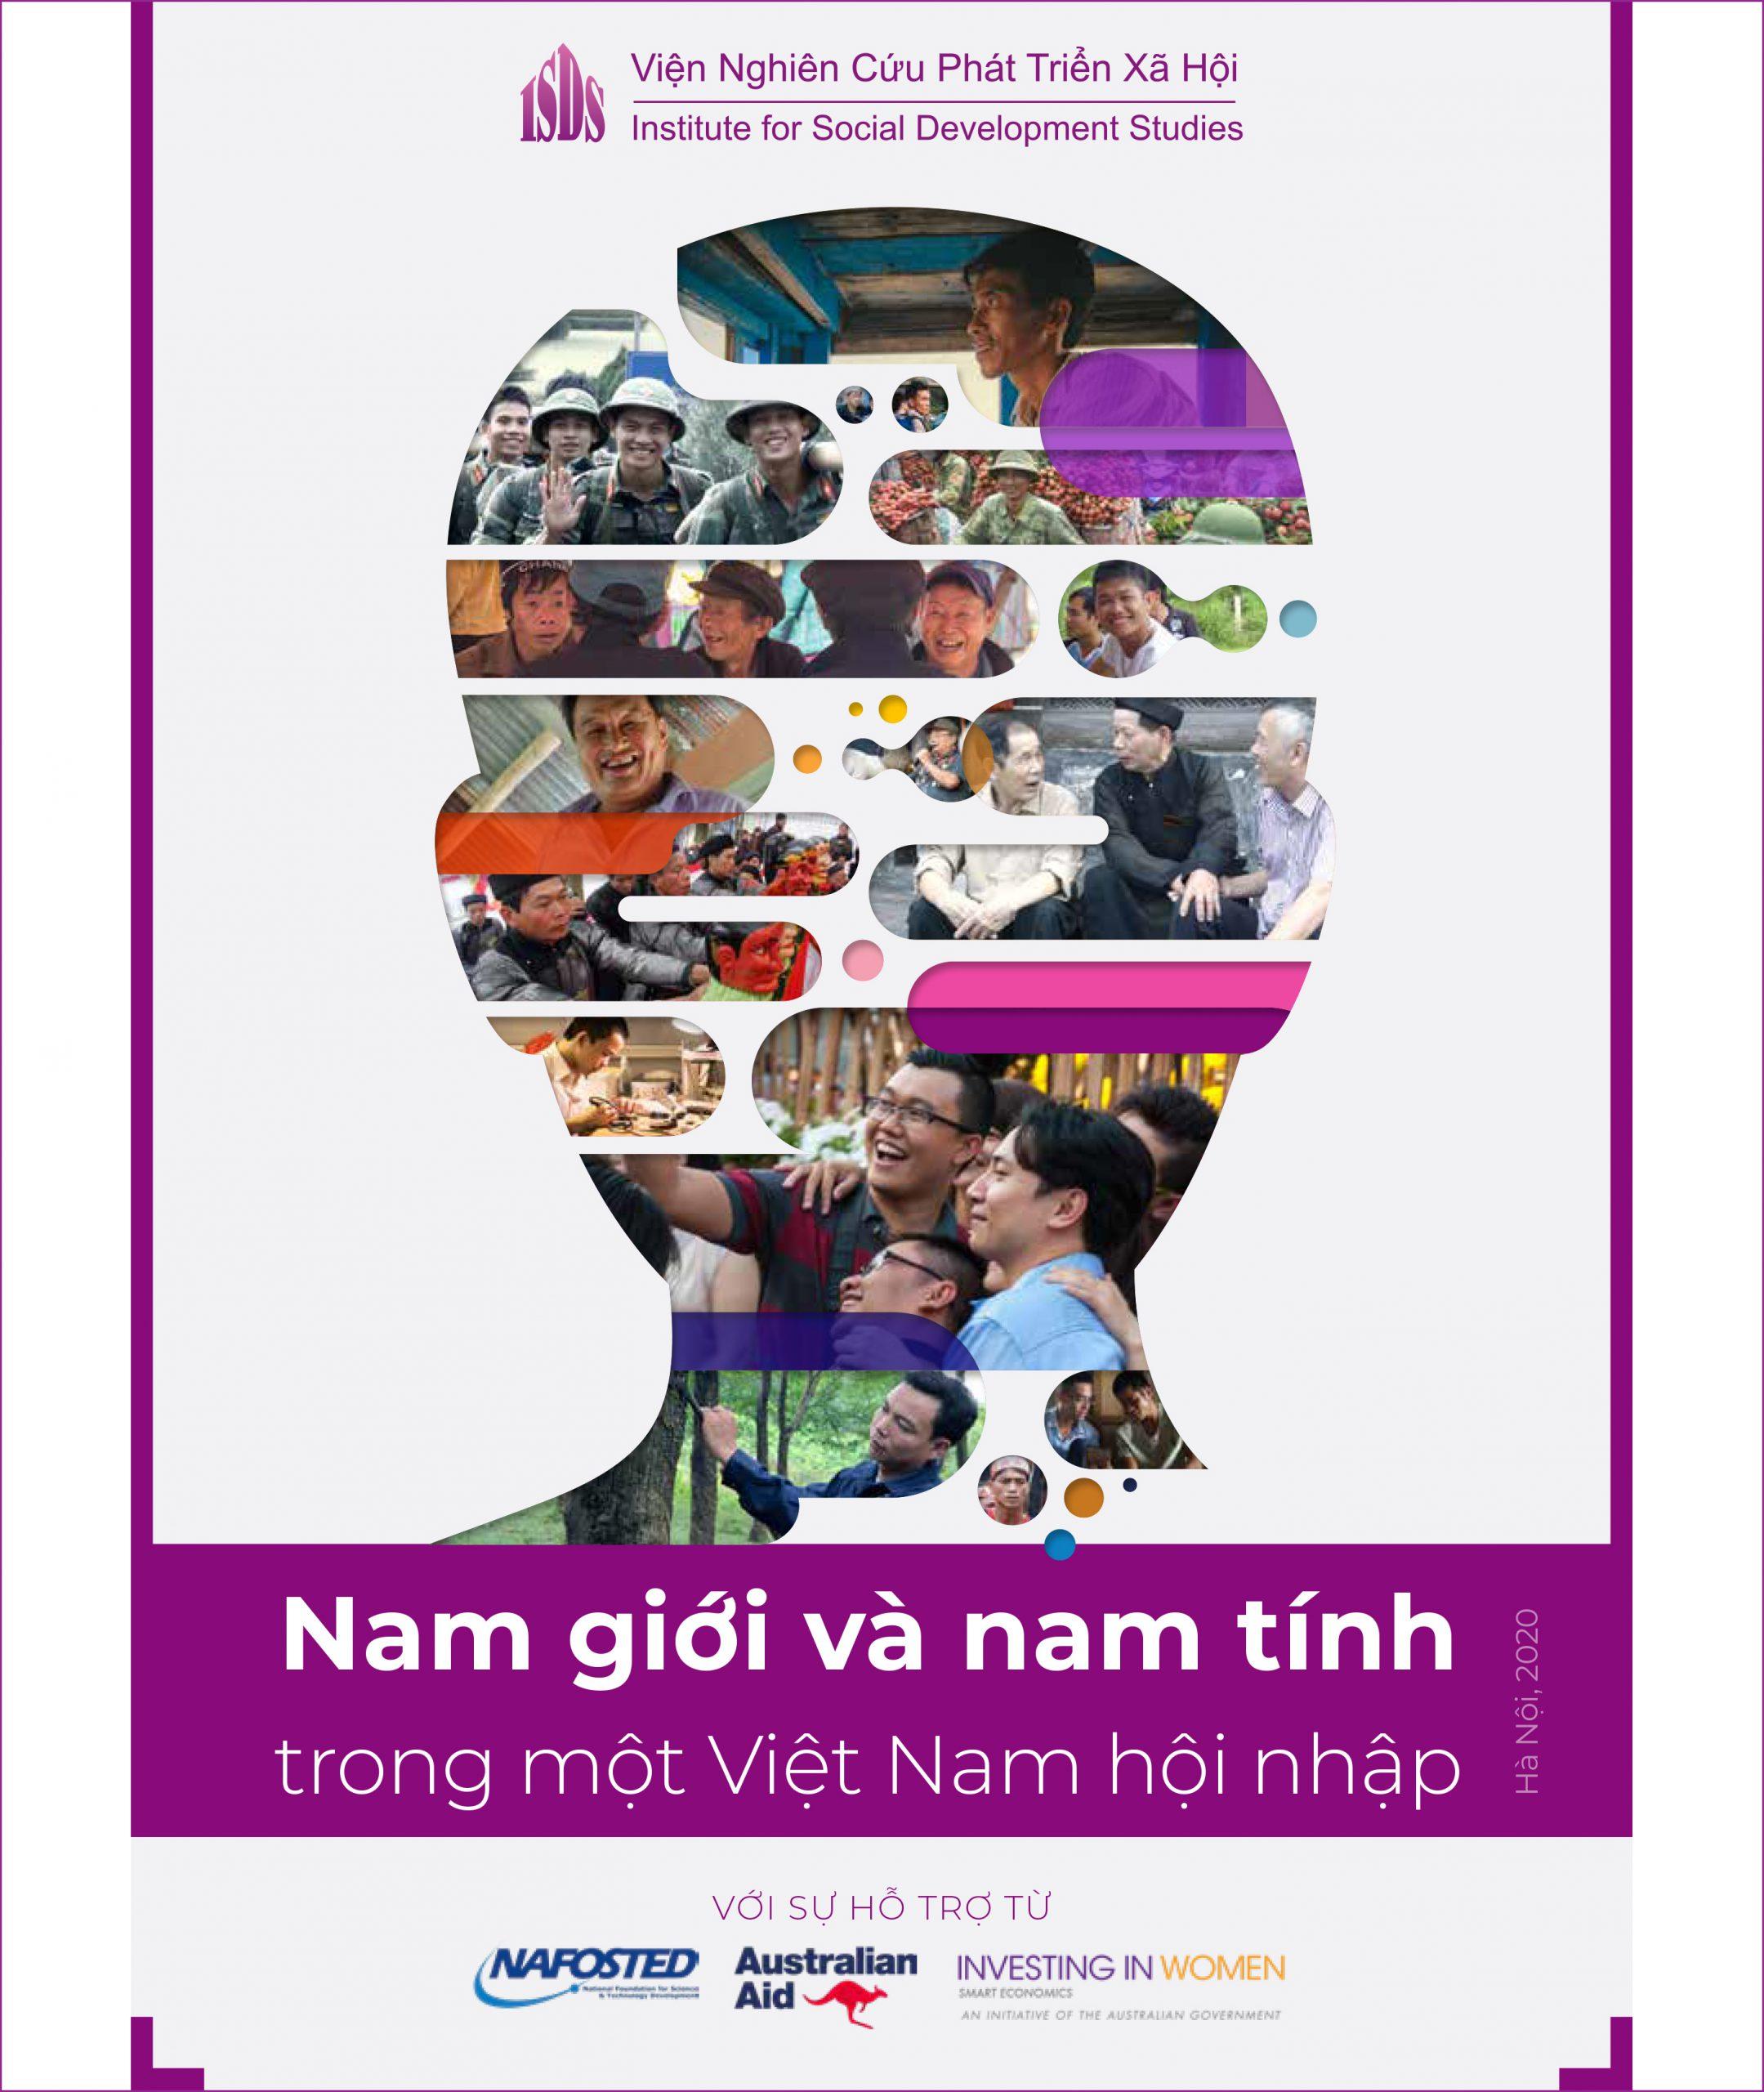 Nam giới và Nam tính trong một Việt Nam hội nhập